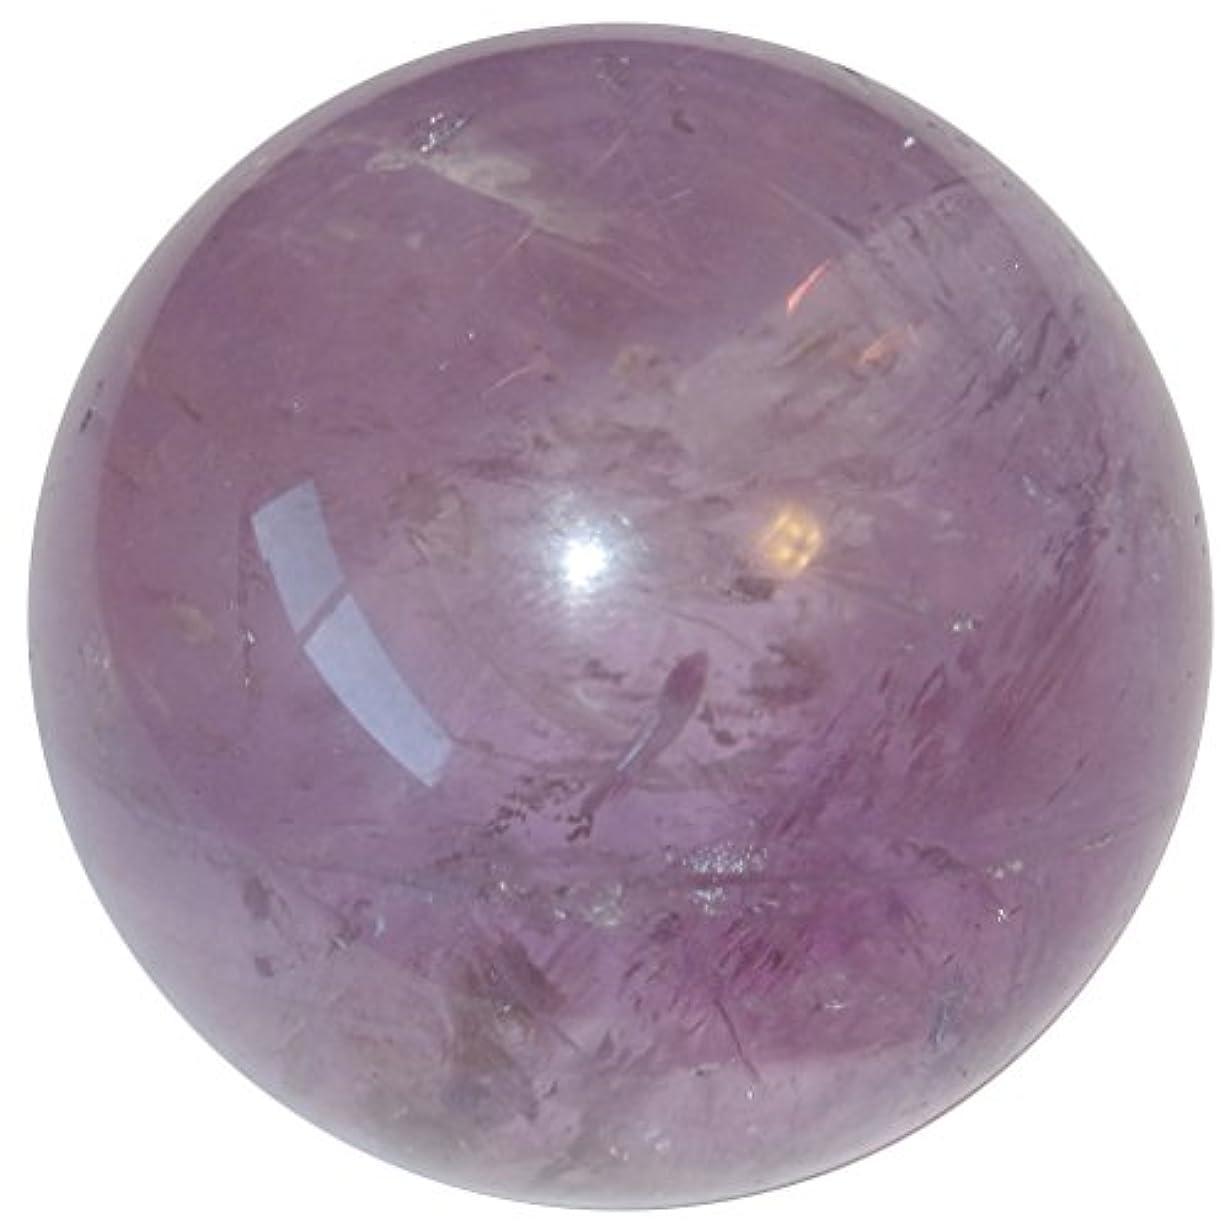 きらきらドレイン句サテンクリスタルアメジストボールプレミアムクリアパープルバイオレットレインボー球SpiritualエネルギーHealing Stoneブラジルp08 1.8 Inches パープル amethystball08-1.8